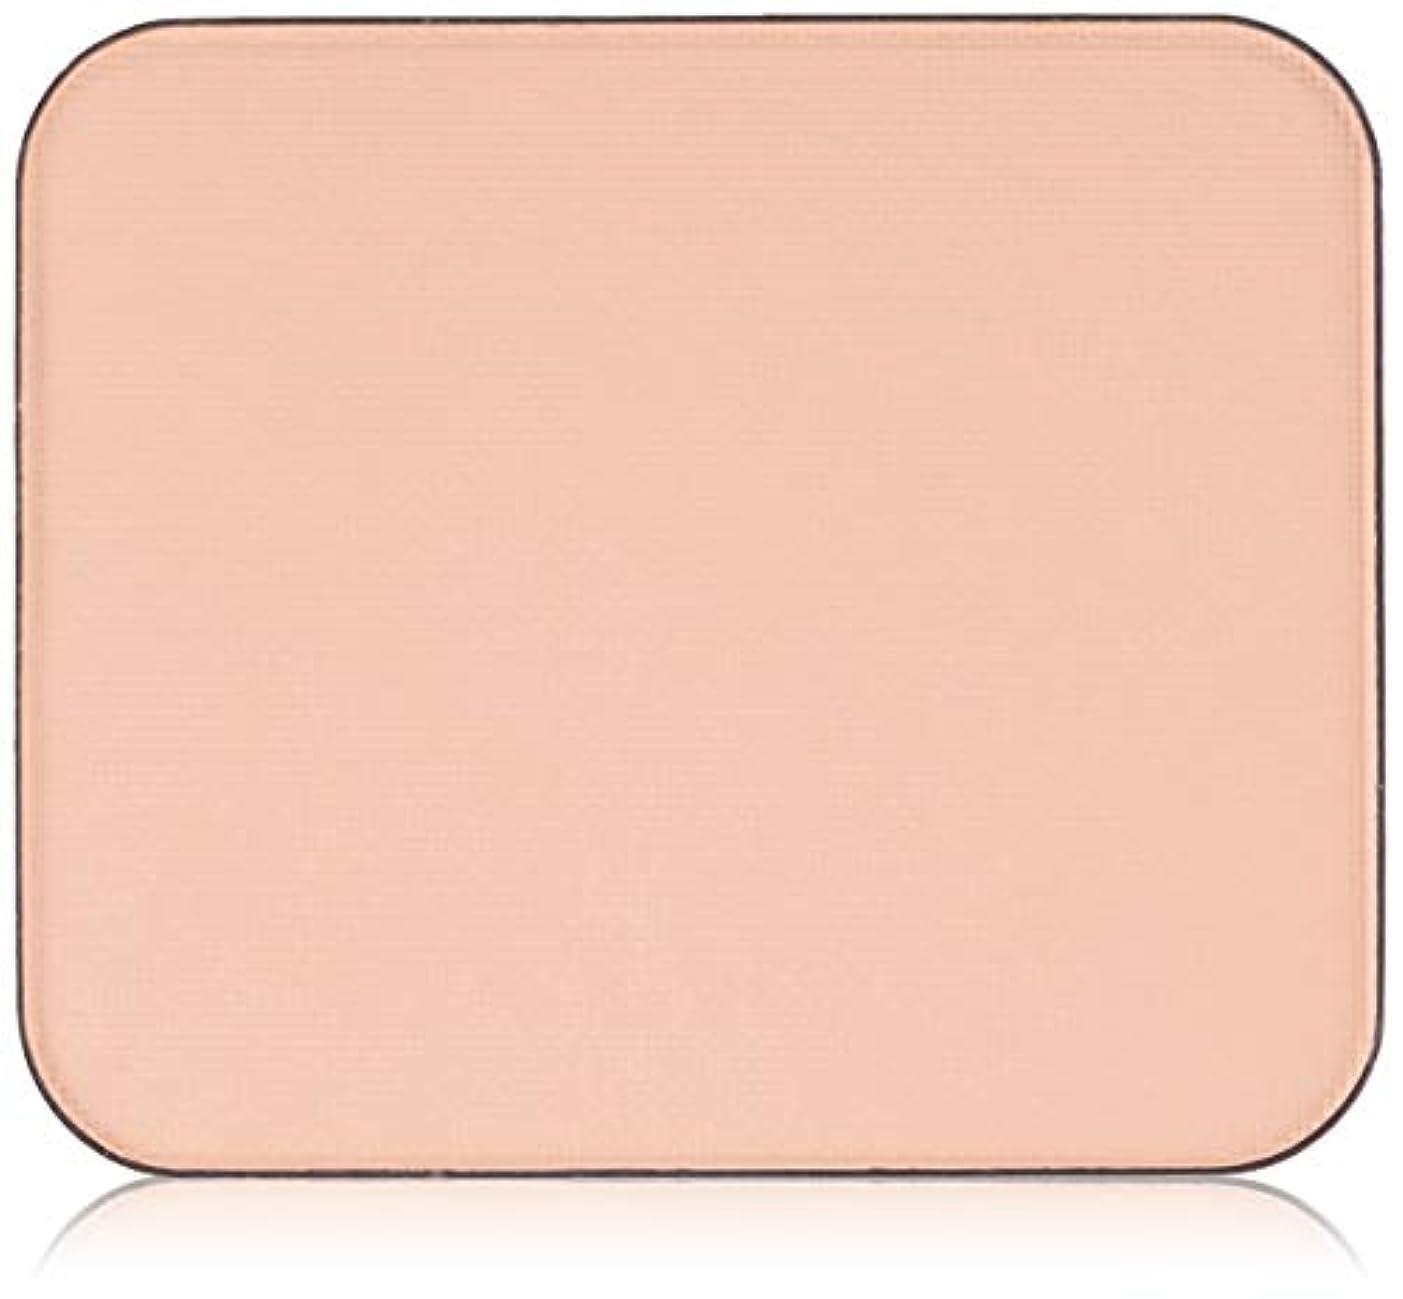 逃す下向き二週間Celvoke(セルヴォーク) インテントスキン パウダーファンデーション 全5色 101 明るいピンクオークル系